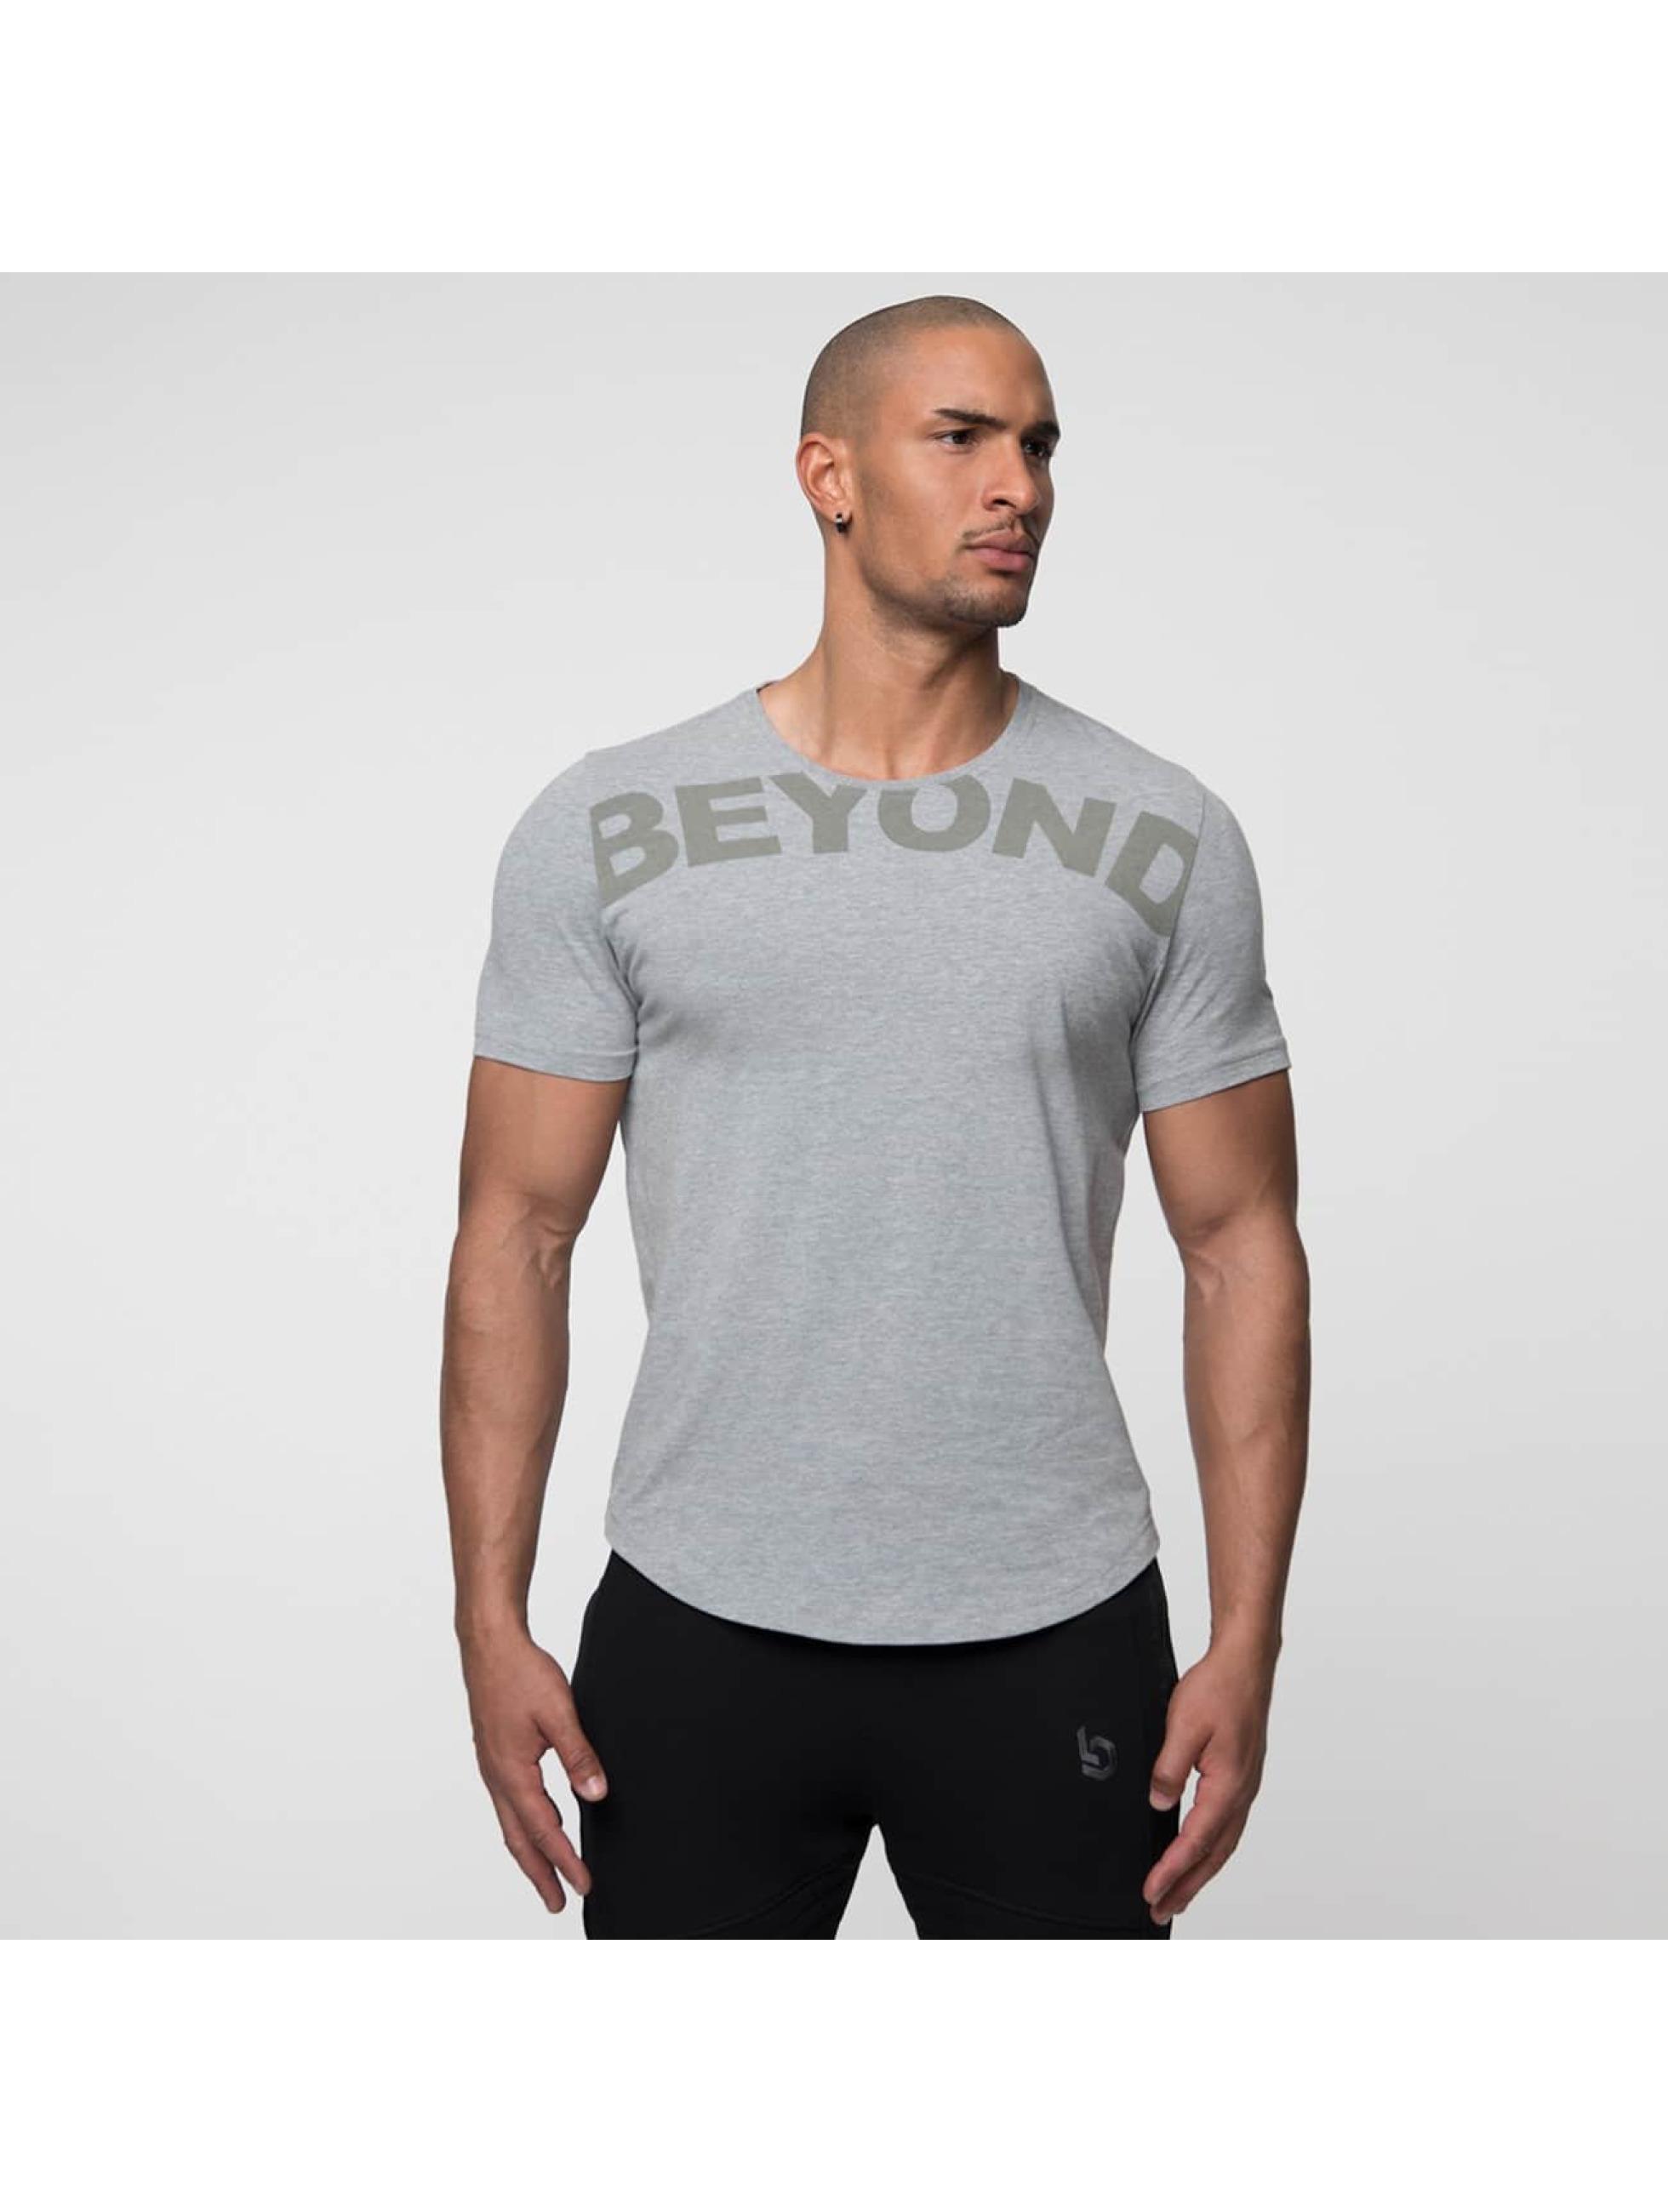 Beyond Limits Футболка League серый